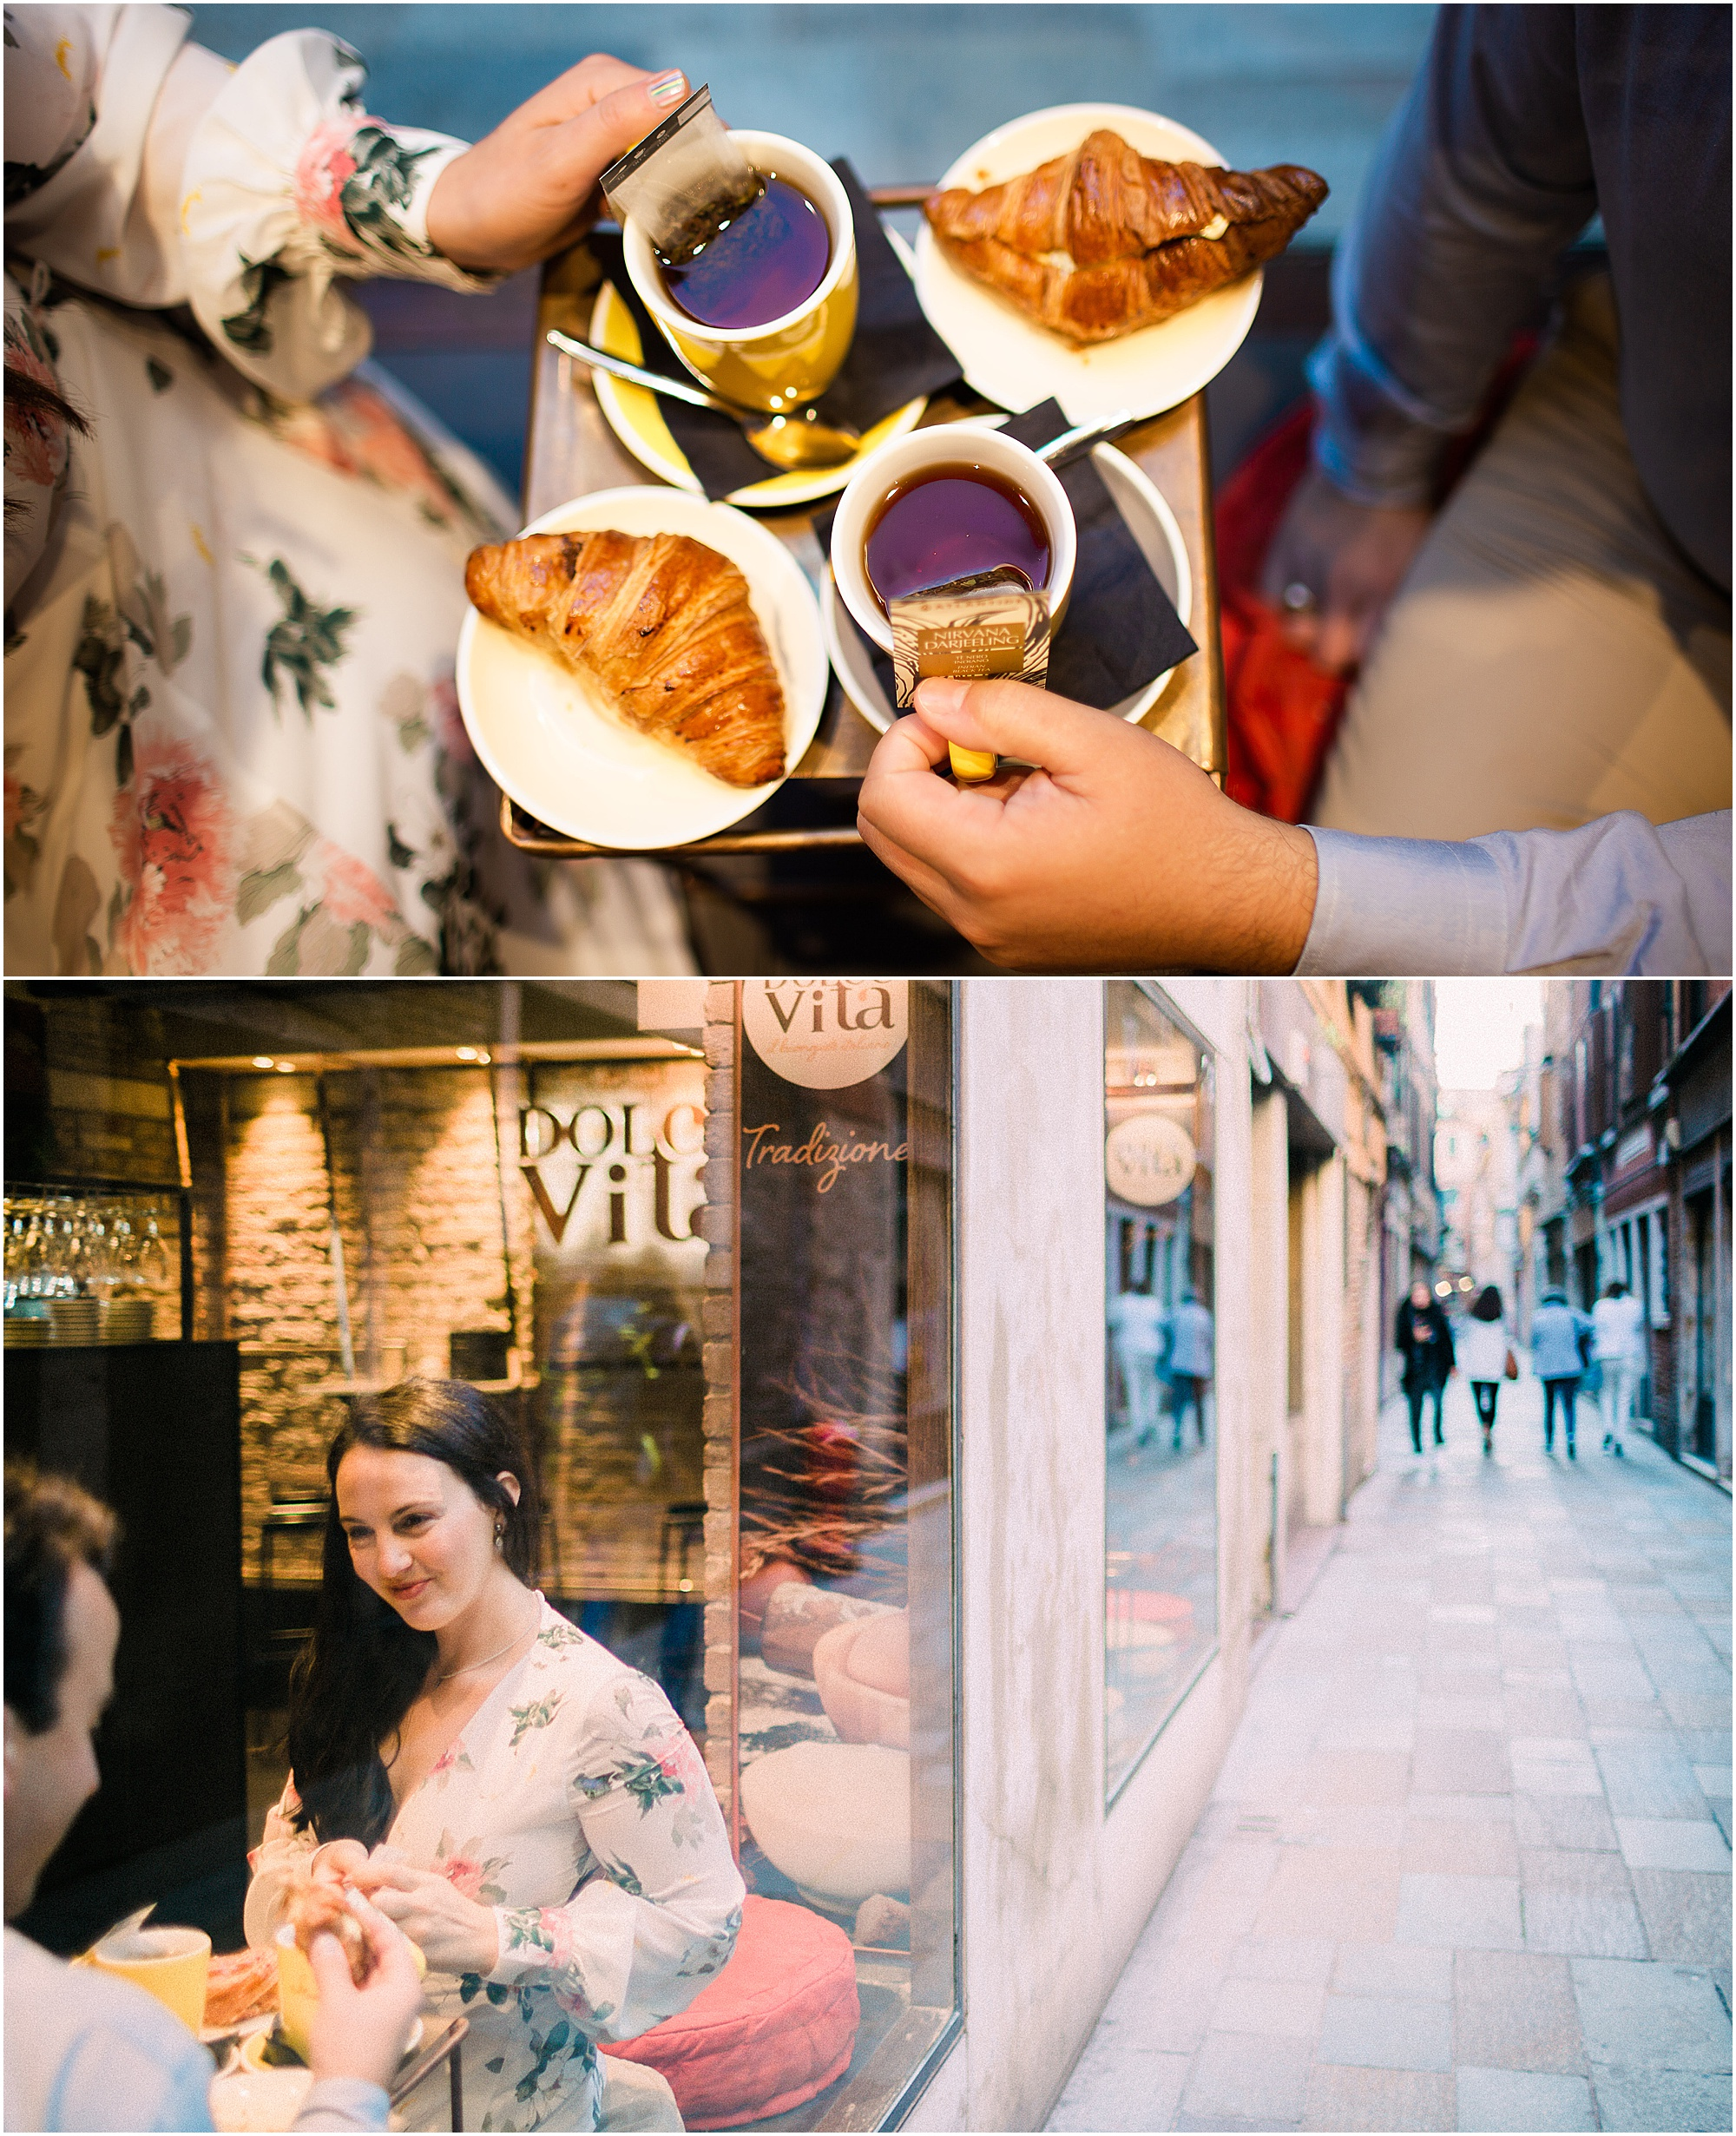 couple-lifestyle-photoshoot-in-venice-gondola-sunrise-stefano-degirmenci_0090.jpg